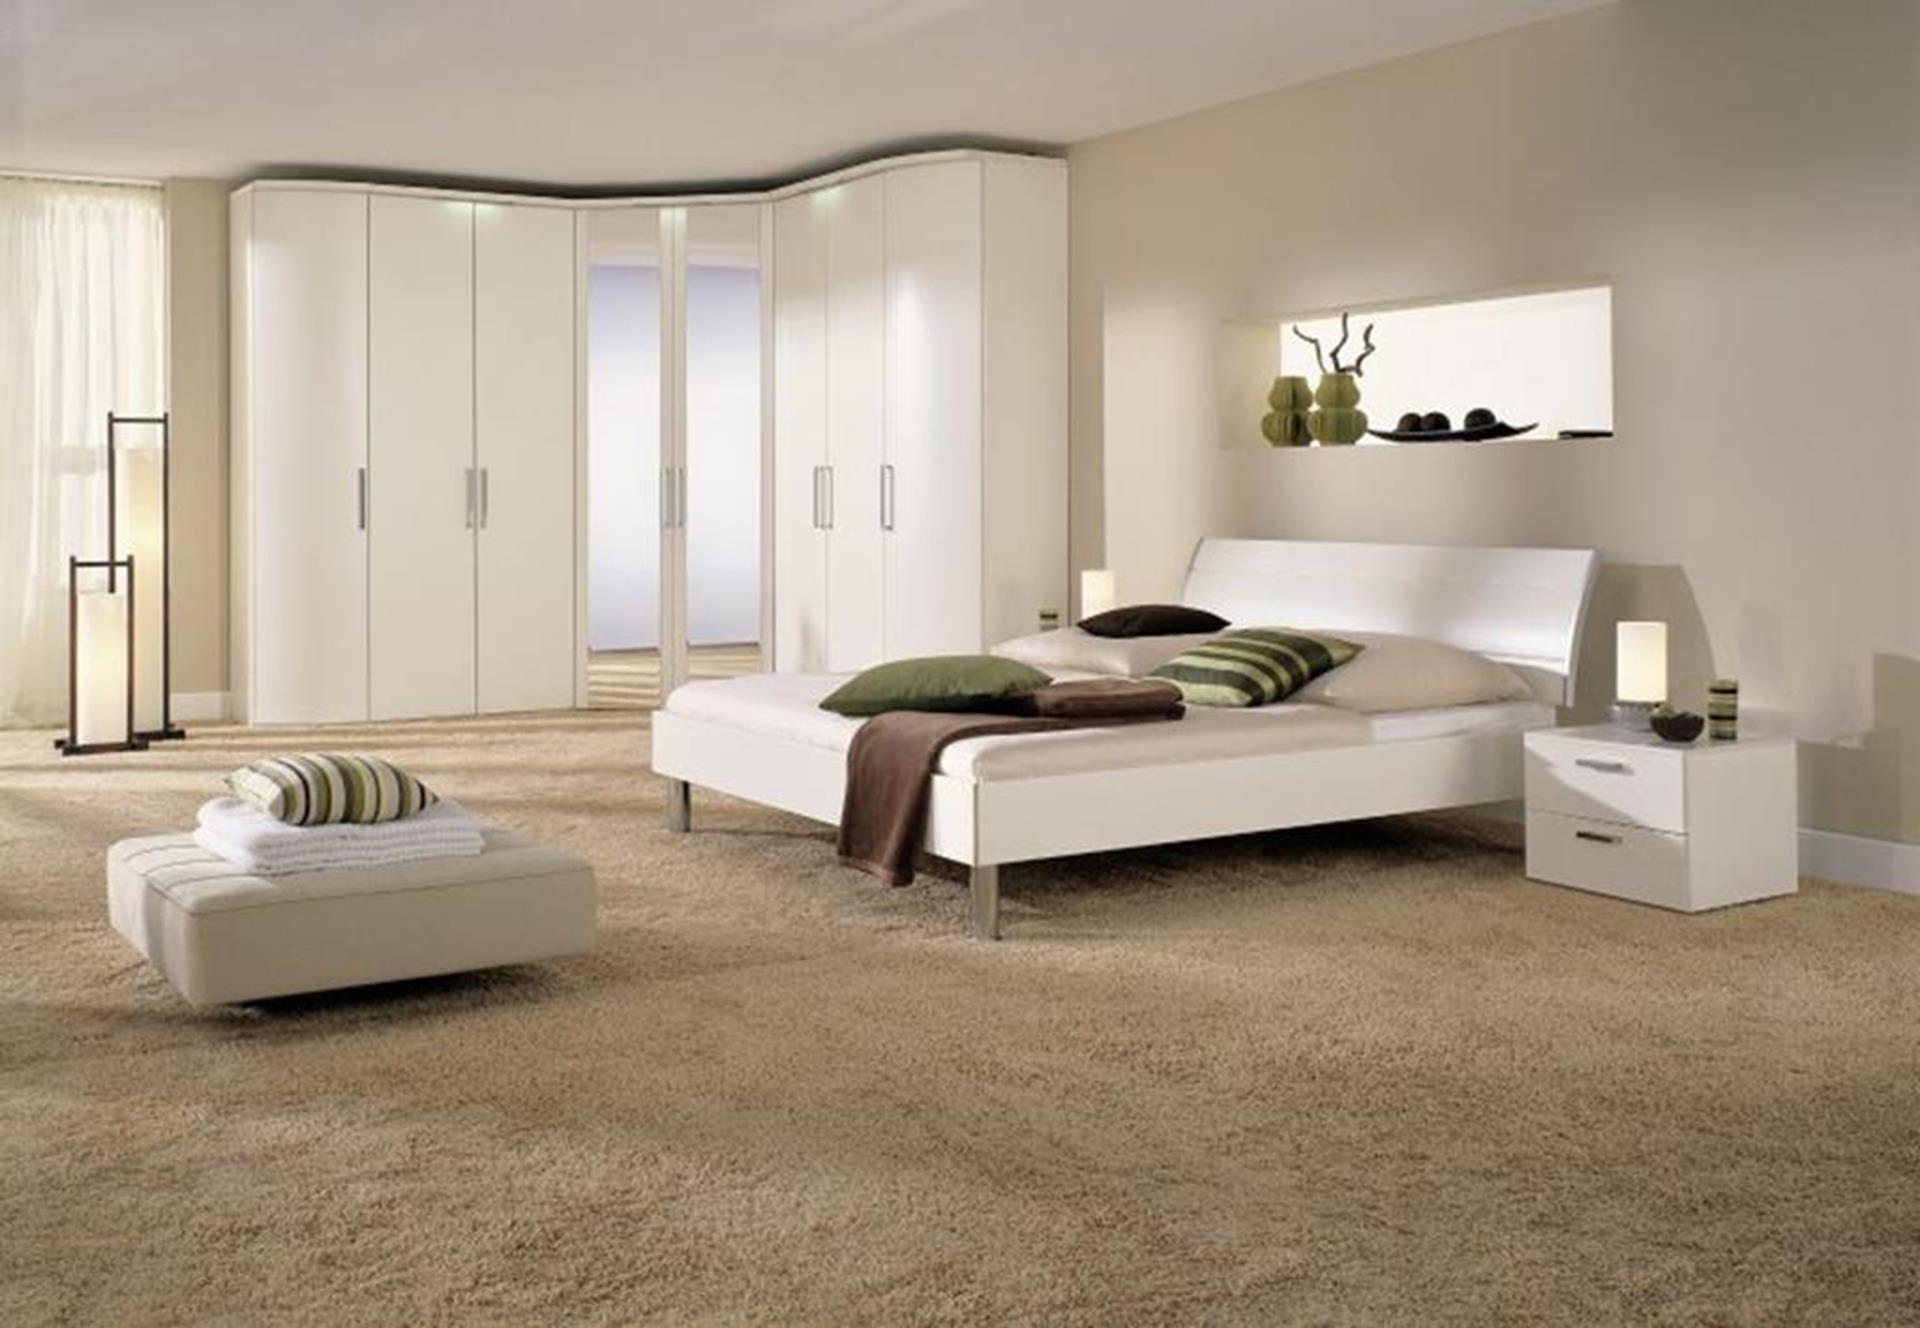 ekskluzywna sypialnia z komodą i szafą nolte